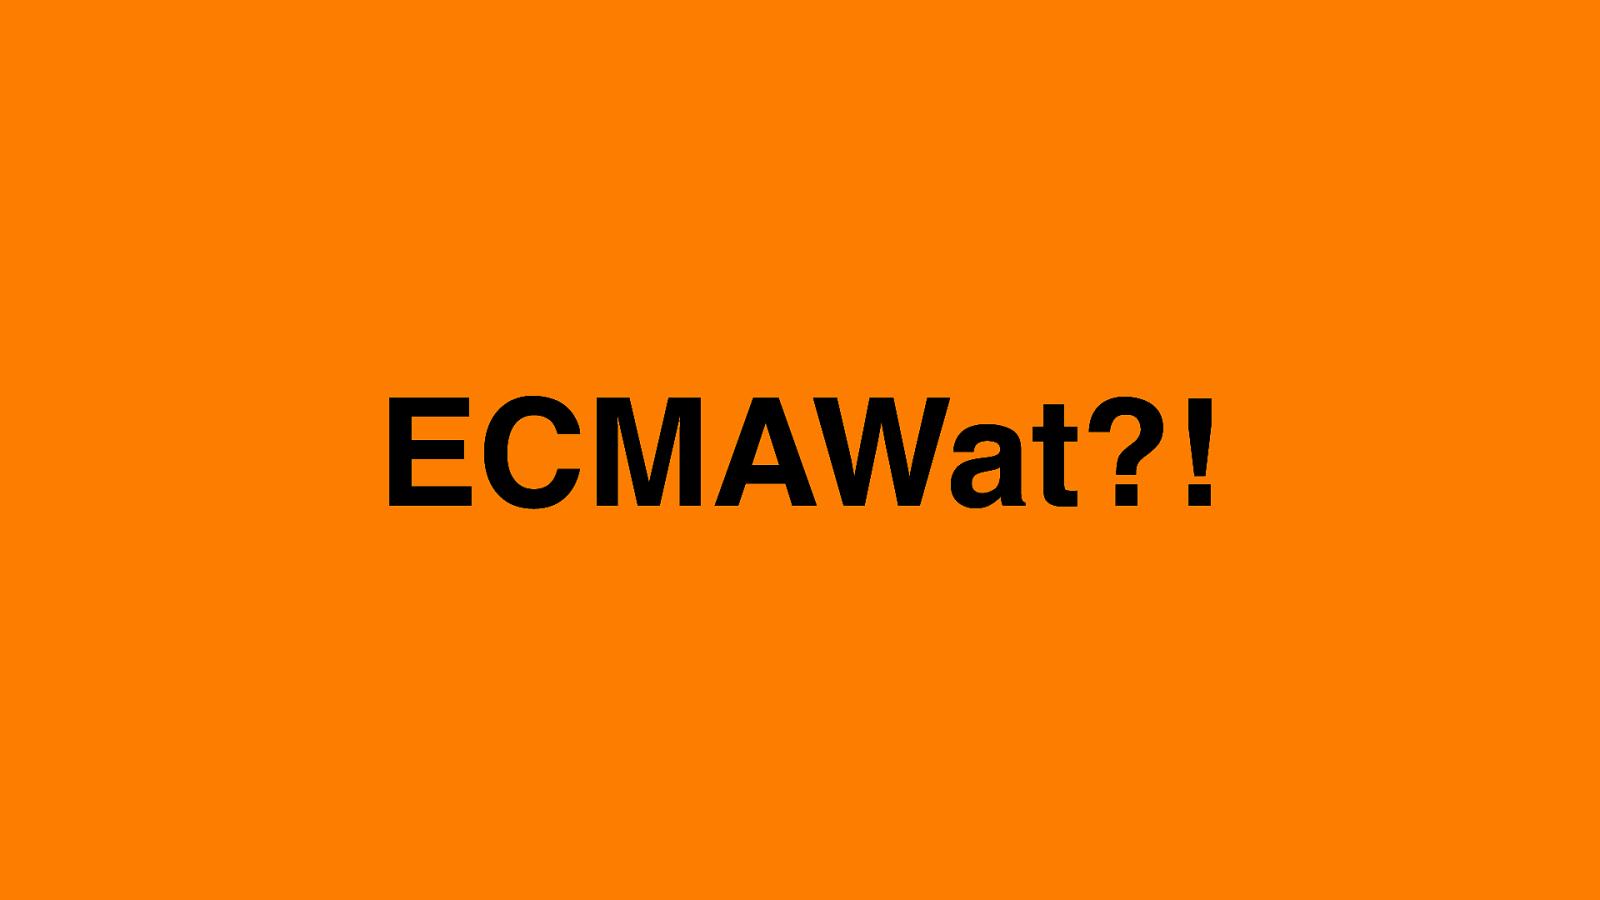 ECMAWat?! (Dutch)